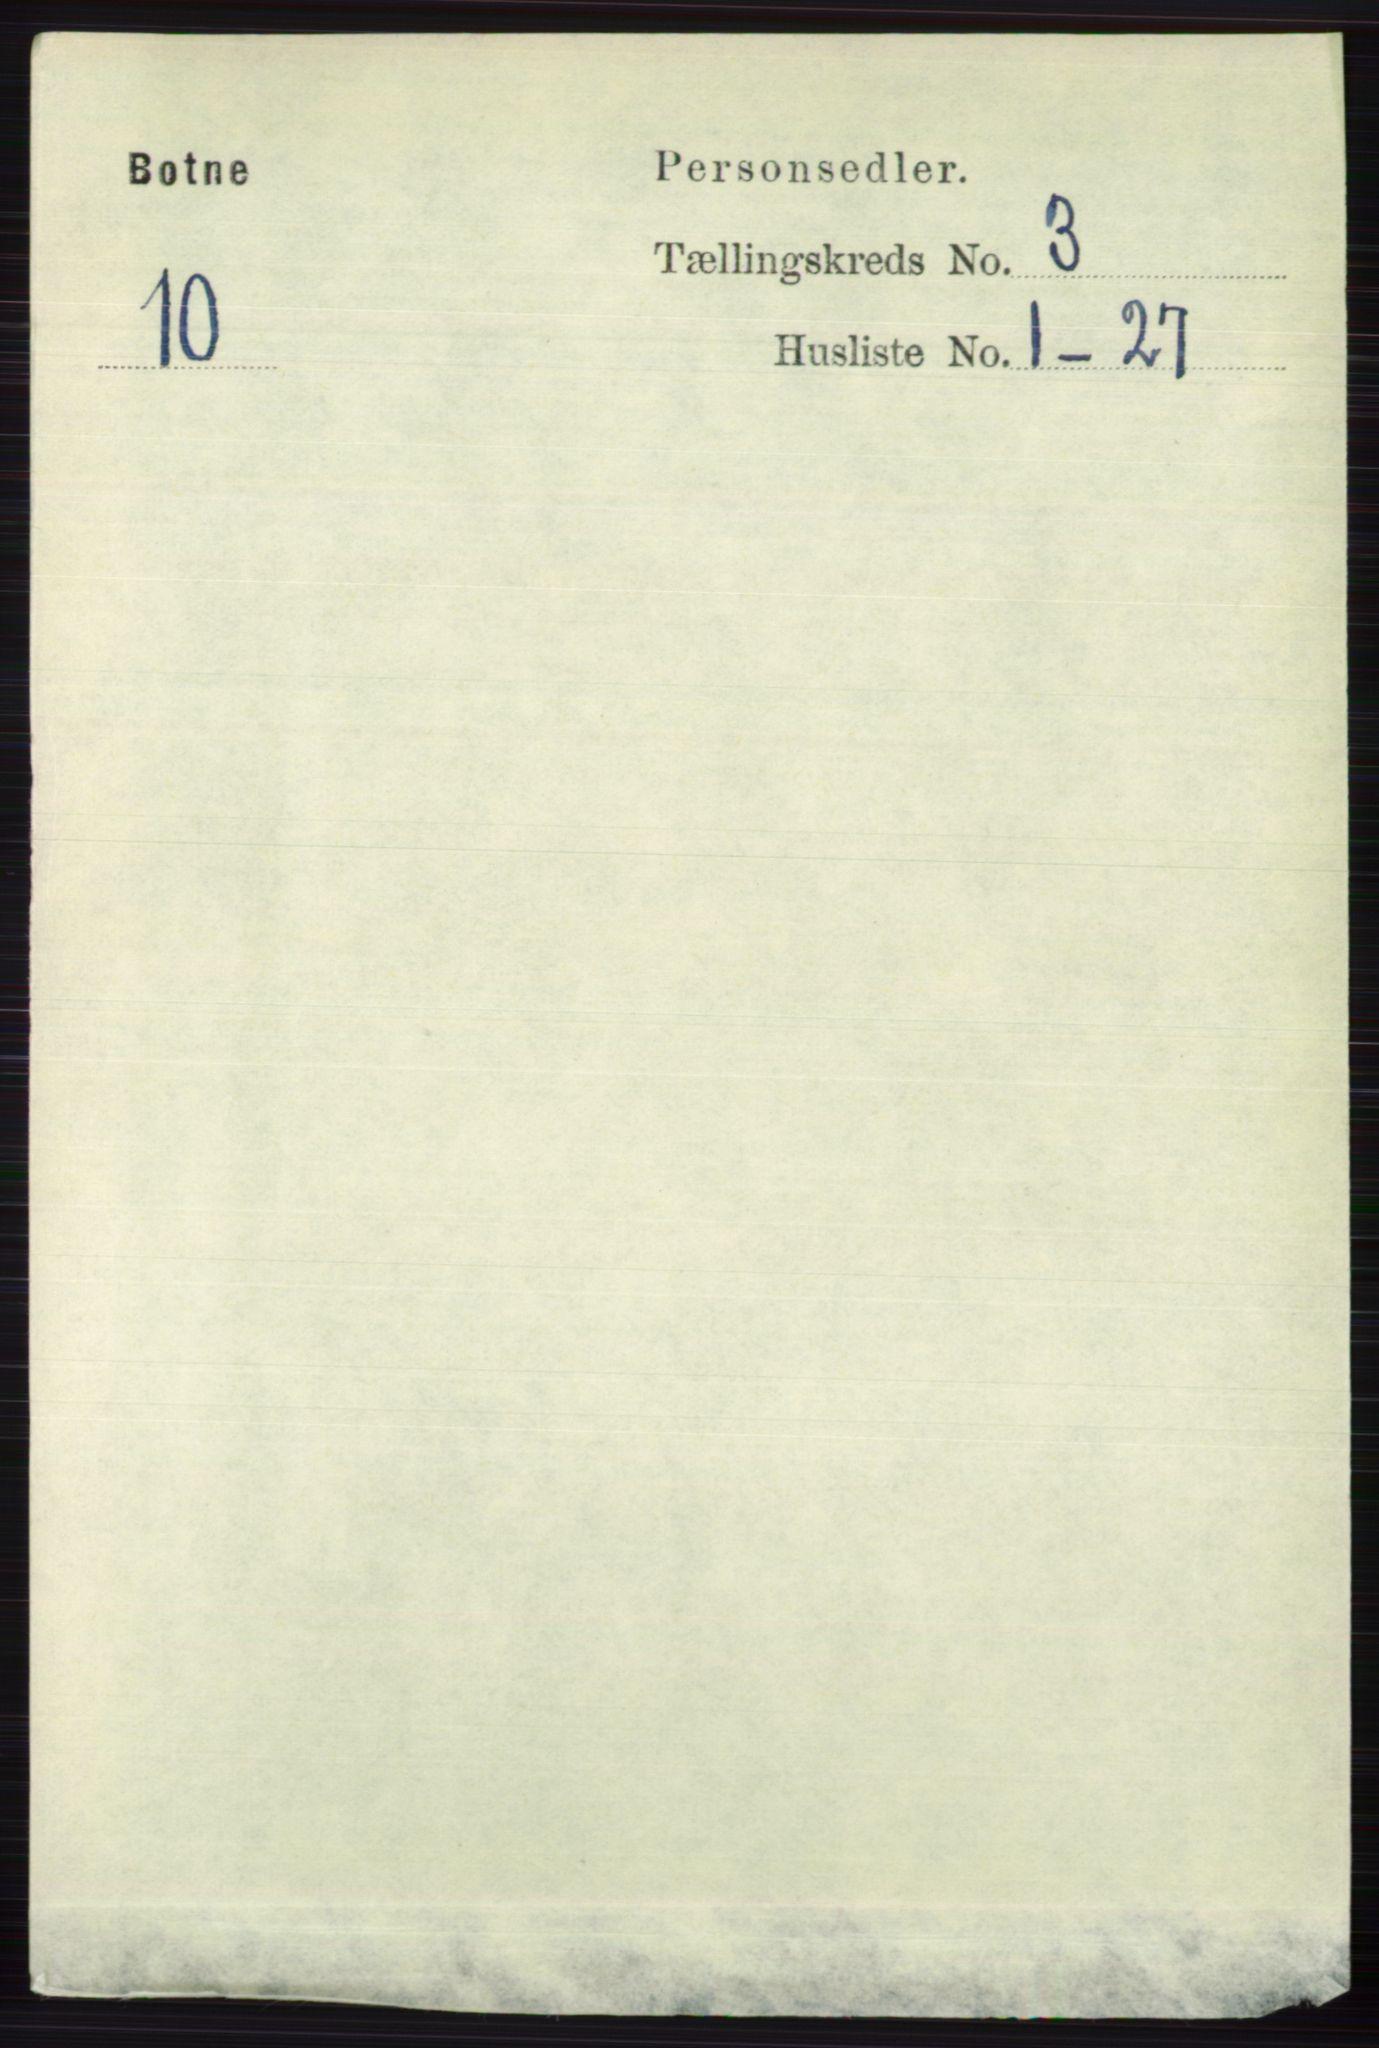 RA, Folketelling 1891 for 0715 Botne herred, 1891, s. 1217